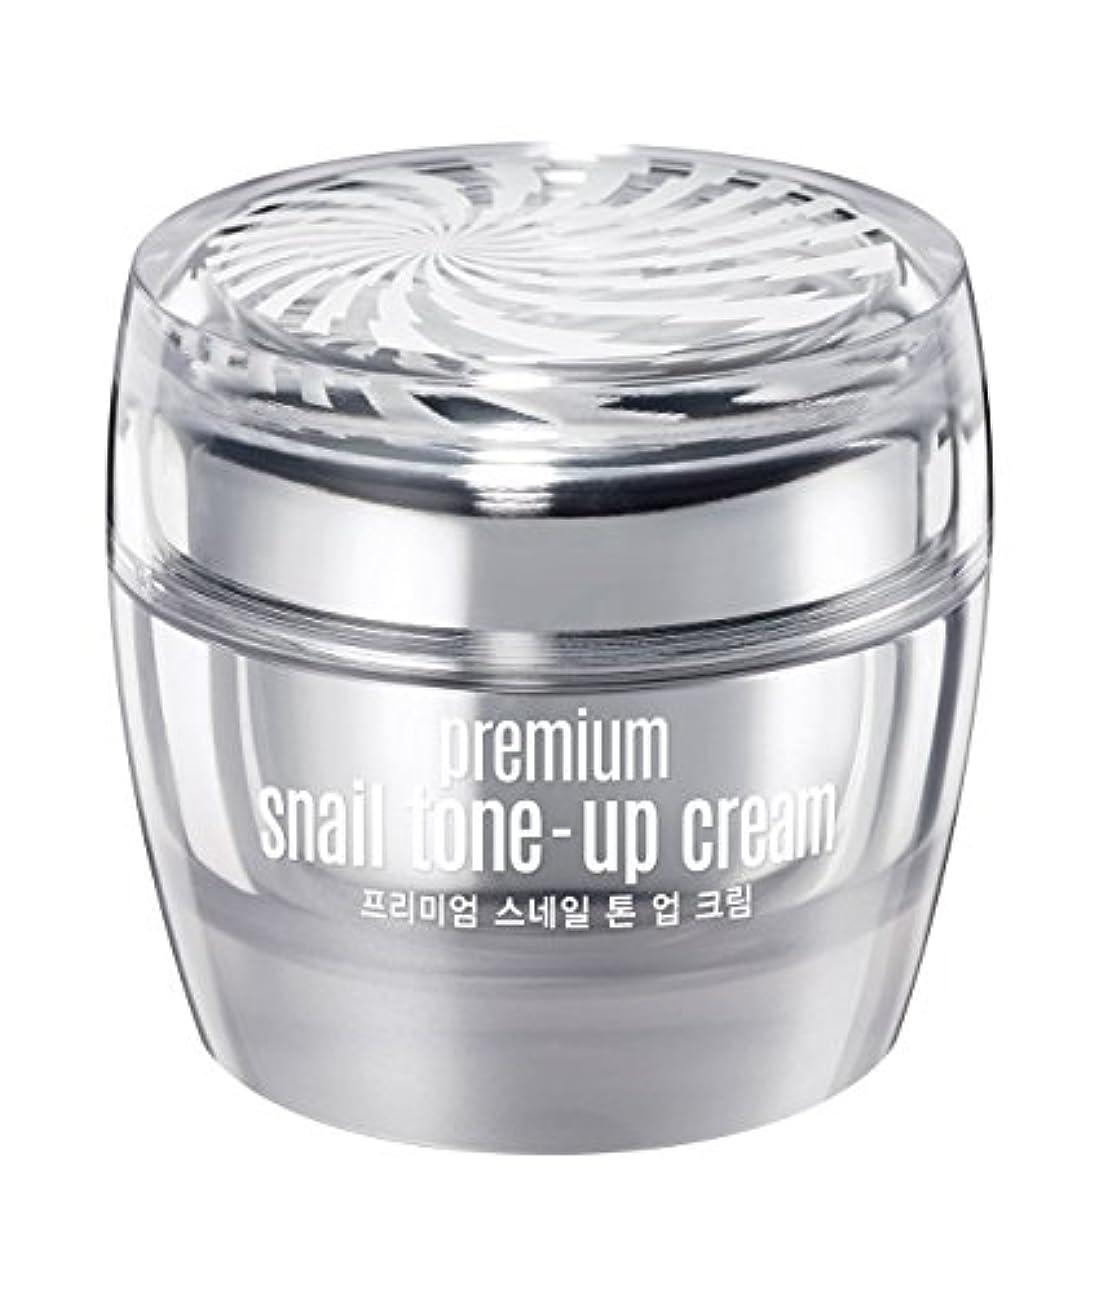 ゴミ箱を空にする水曜日親指Goodal Premium Snail Tone Up Whitening Cream 50ml プレミアムカタツムリトーンアップクリーム